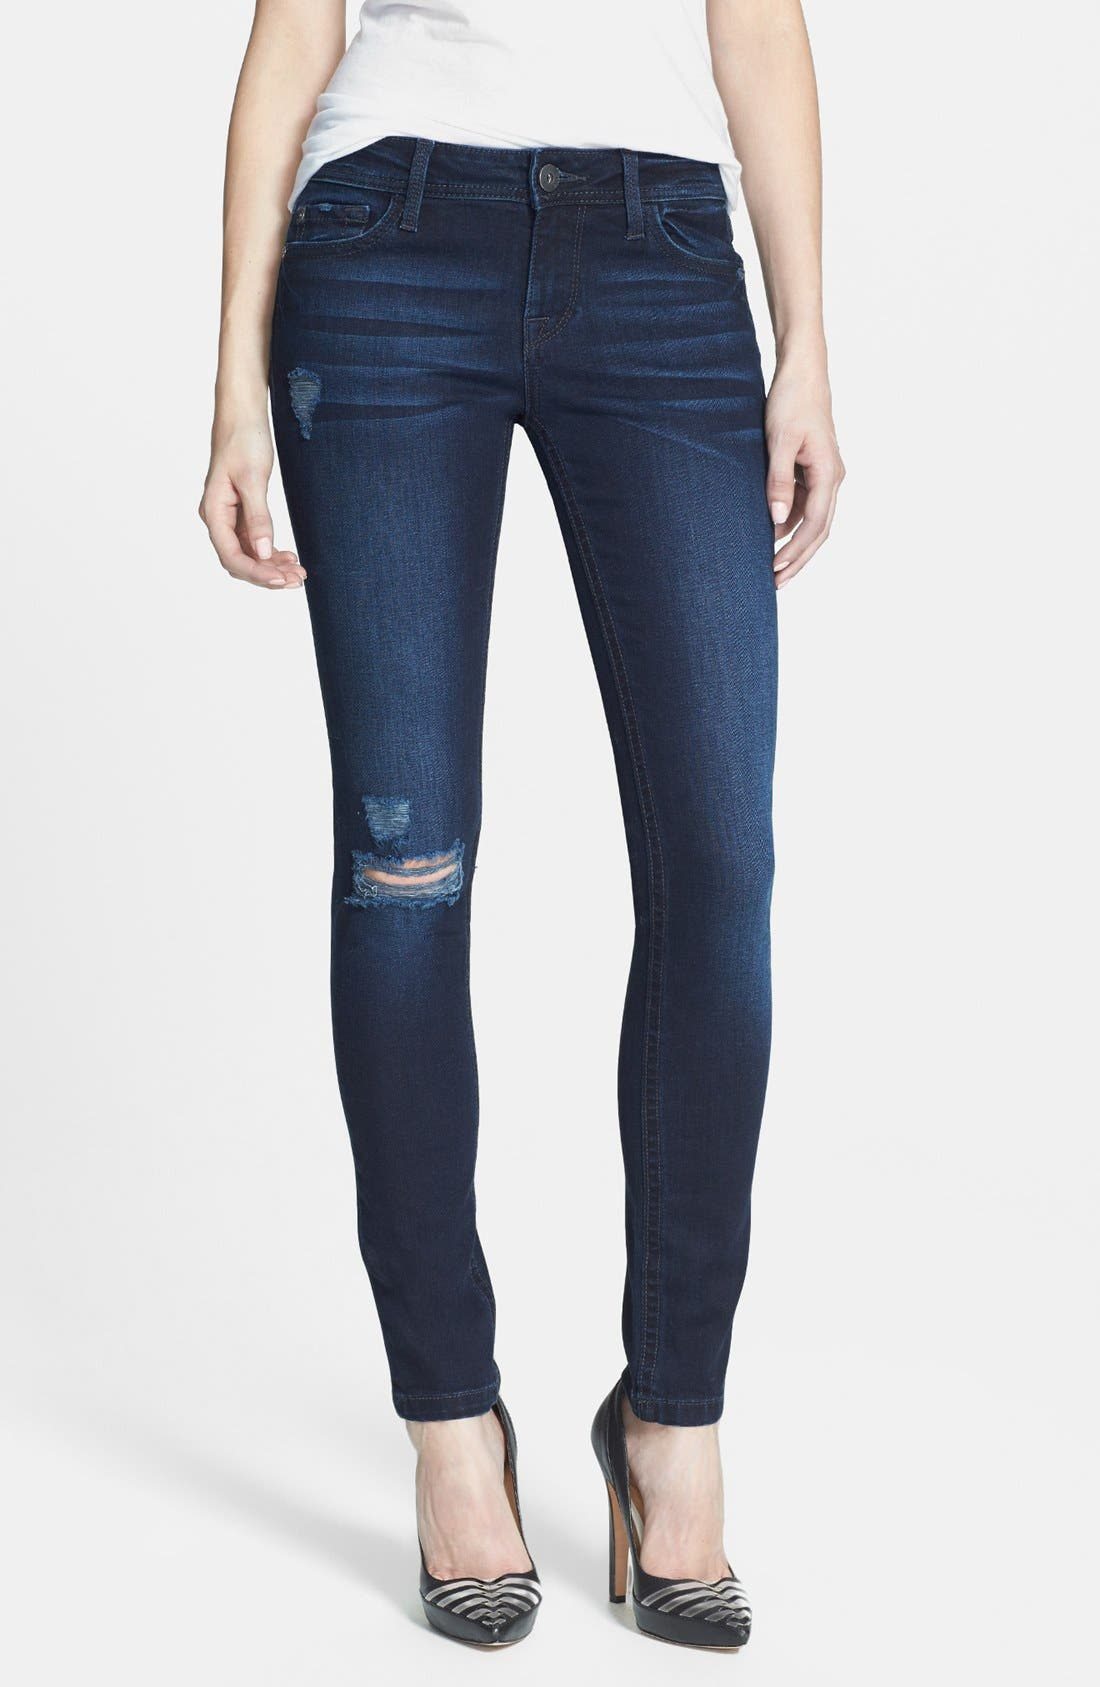 Alternate Image 1 Selected - DL1961 'Amanda' Distressed Skinny Jeans (Seville)